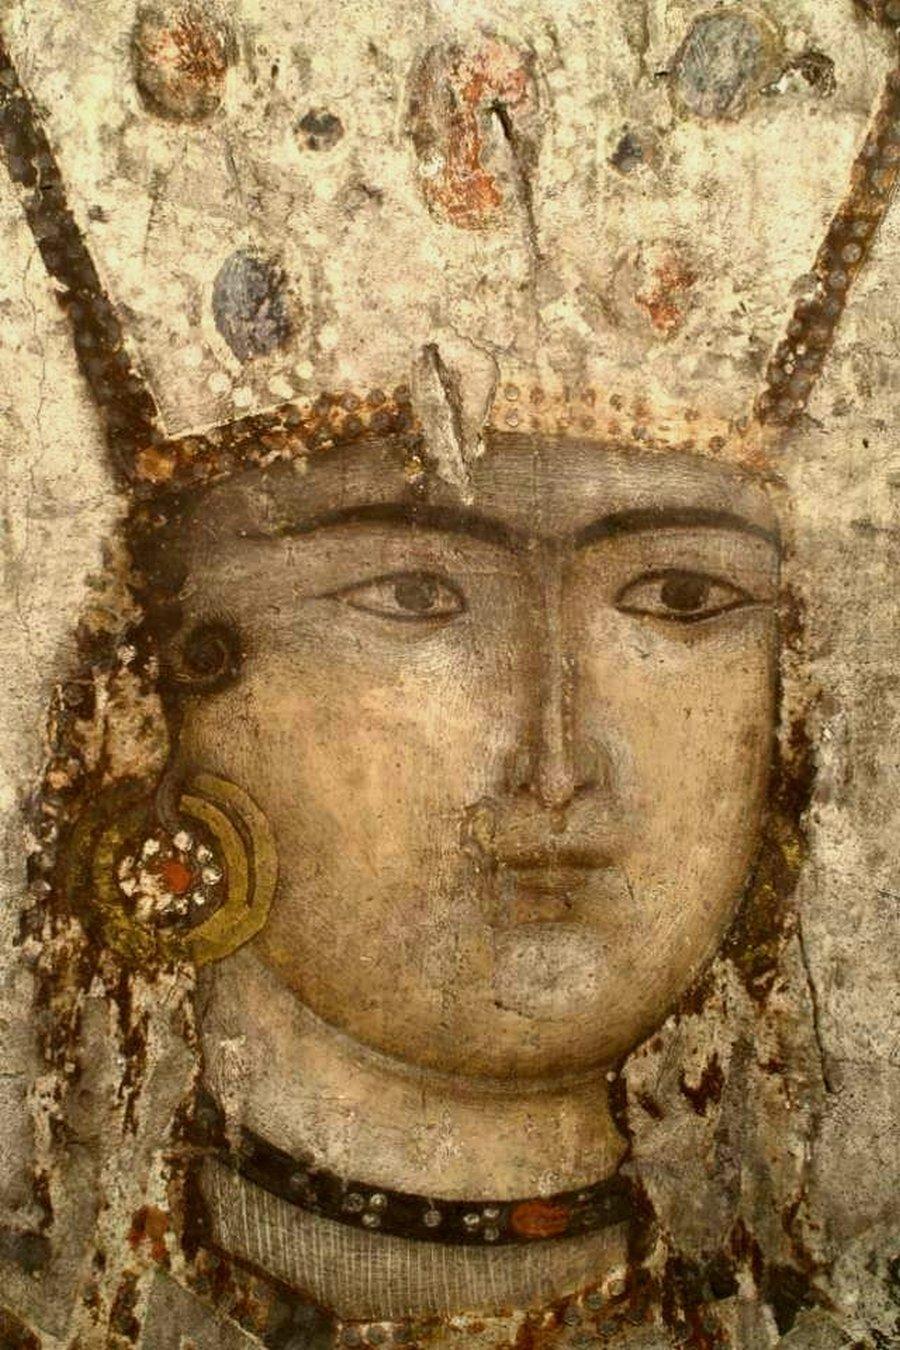 Святая Благоверная Тамара Великая, царица Грузии. Ктиторский портрет в пещерном монастыре Вардзиа (Вардзия), Грузия. До 1185 года.